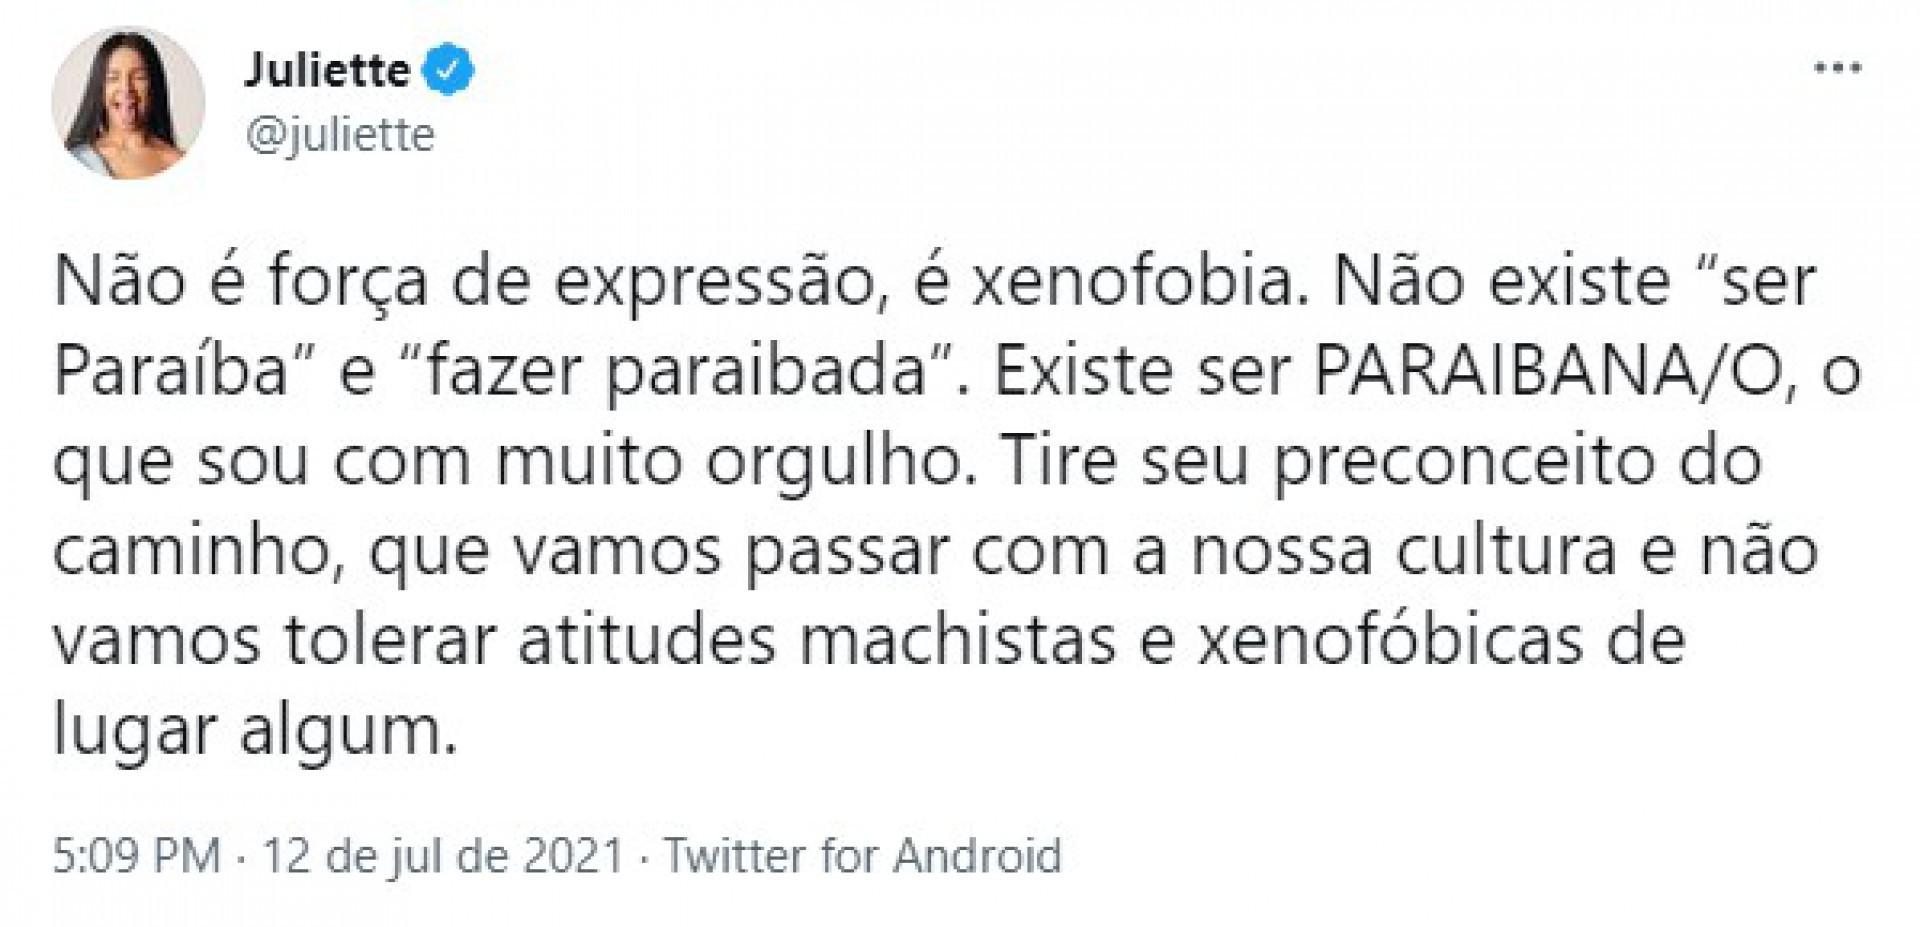 A ex-BBB e paraibana Juliette Freire se manifestou em suas redes sociais sobre o uso do termo (Foto: Reprodução/Twitter)